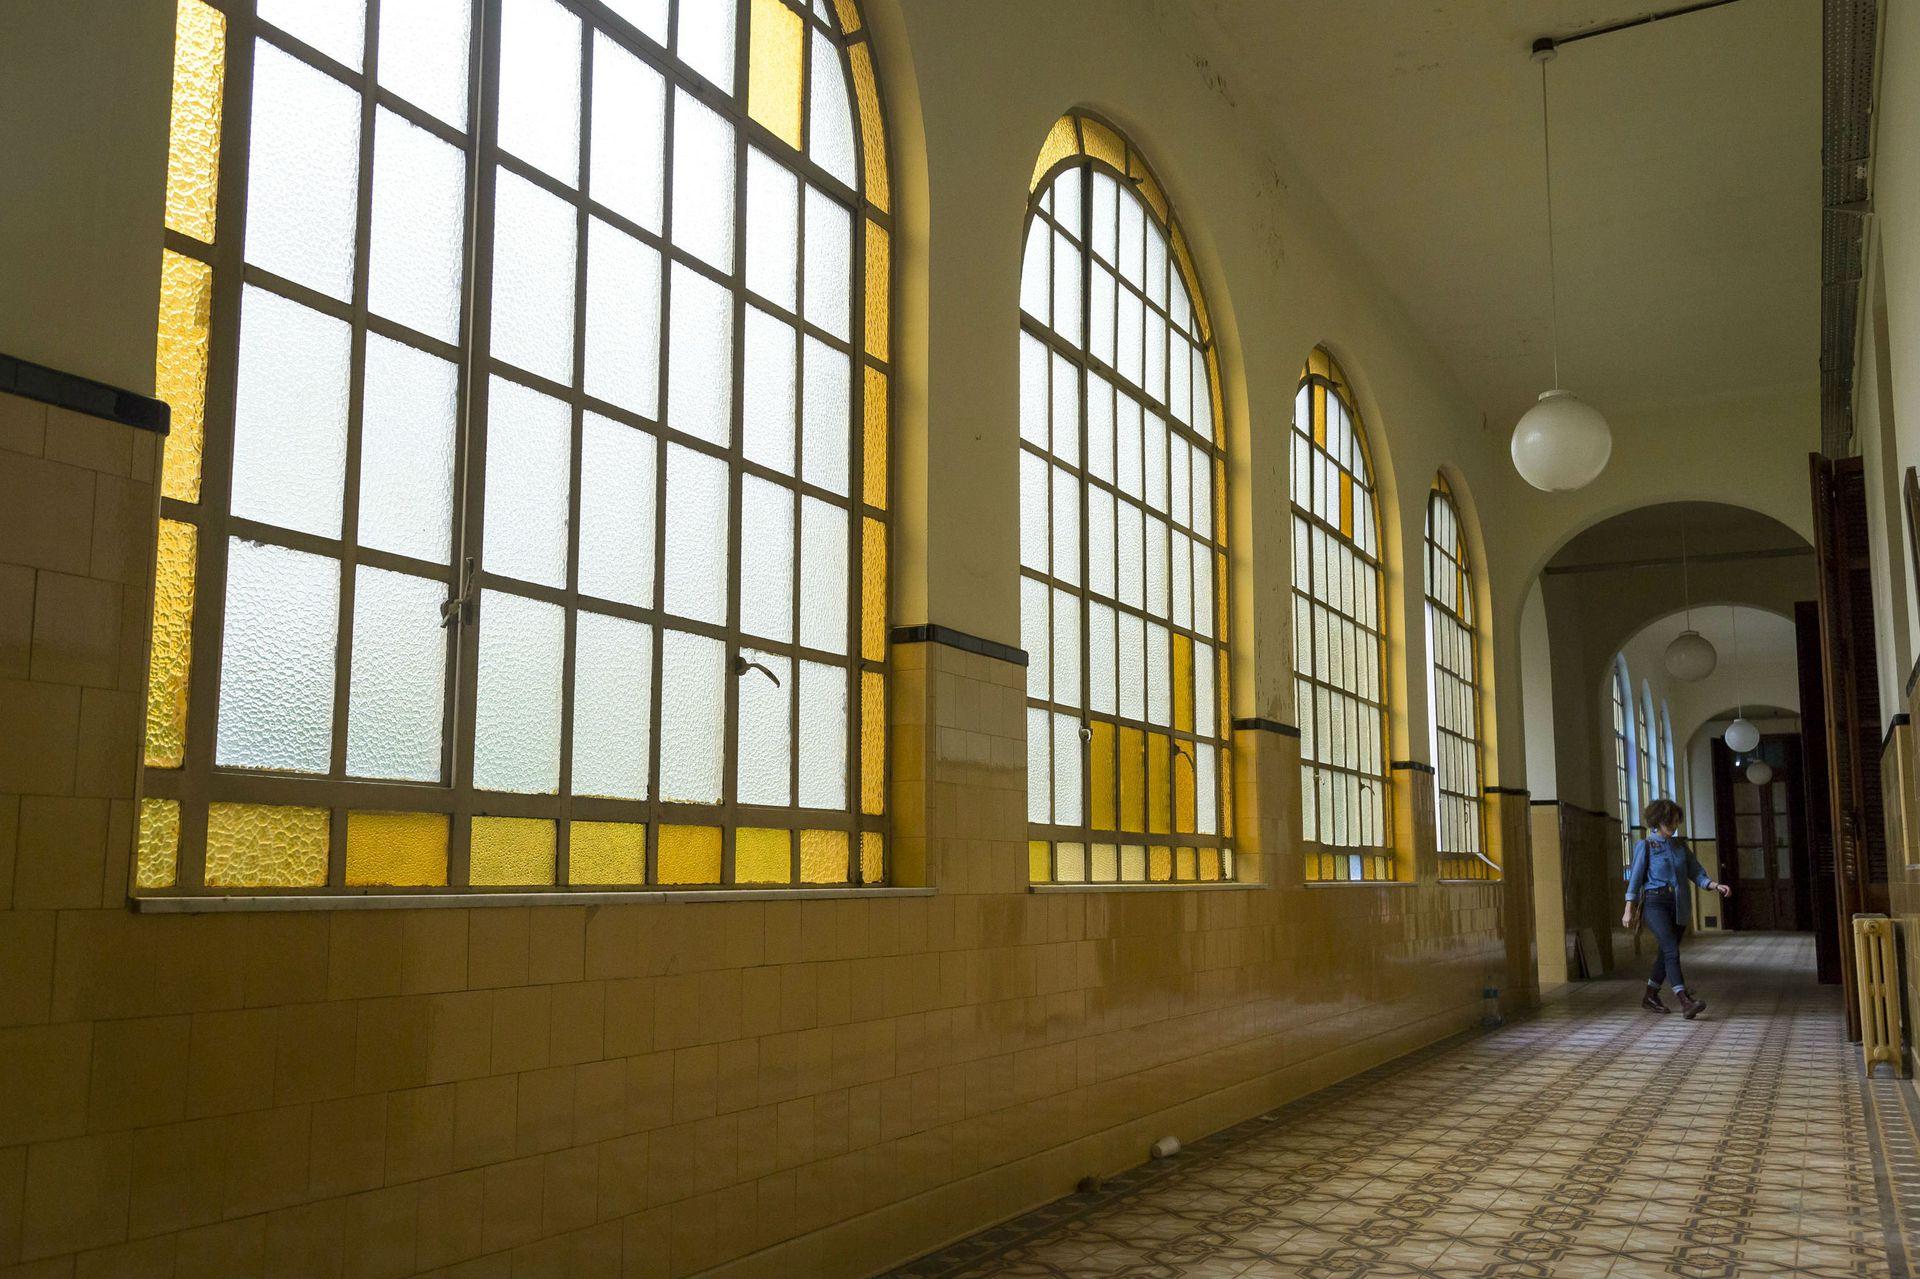 Uno de los pasillos del convento, con grandes ventanales